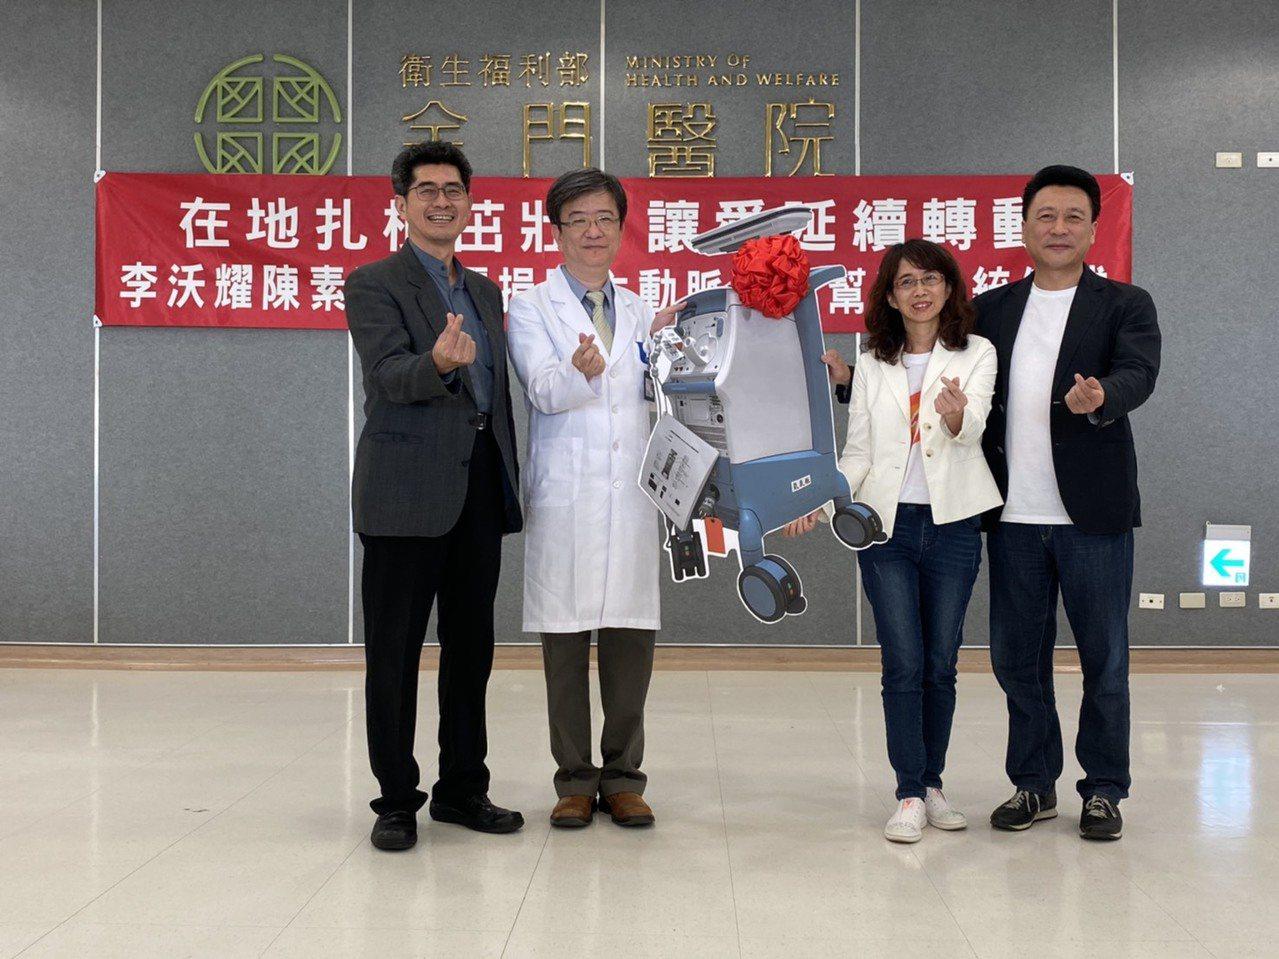 環遊國際旅行社董事長李沃耀(右一)夫婦今天捐贈金門醫院1台主動脈氣球幫浦系統,由...